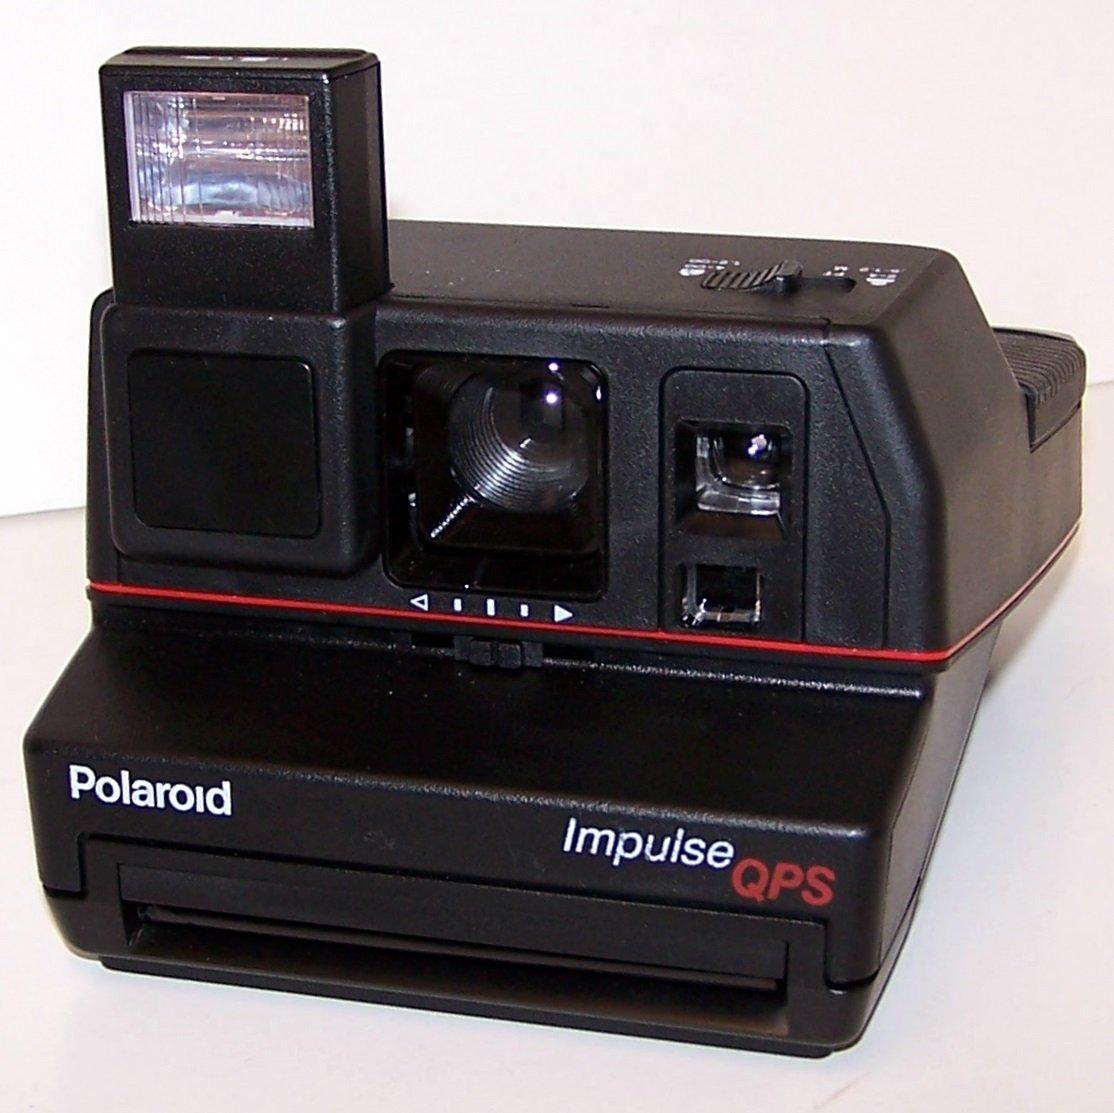 Polaroid Impulse QPS 600 Instant Film Camera